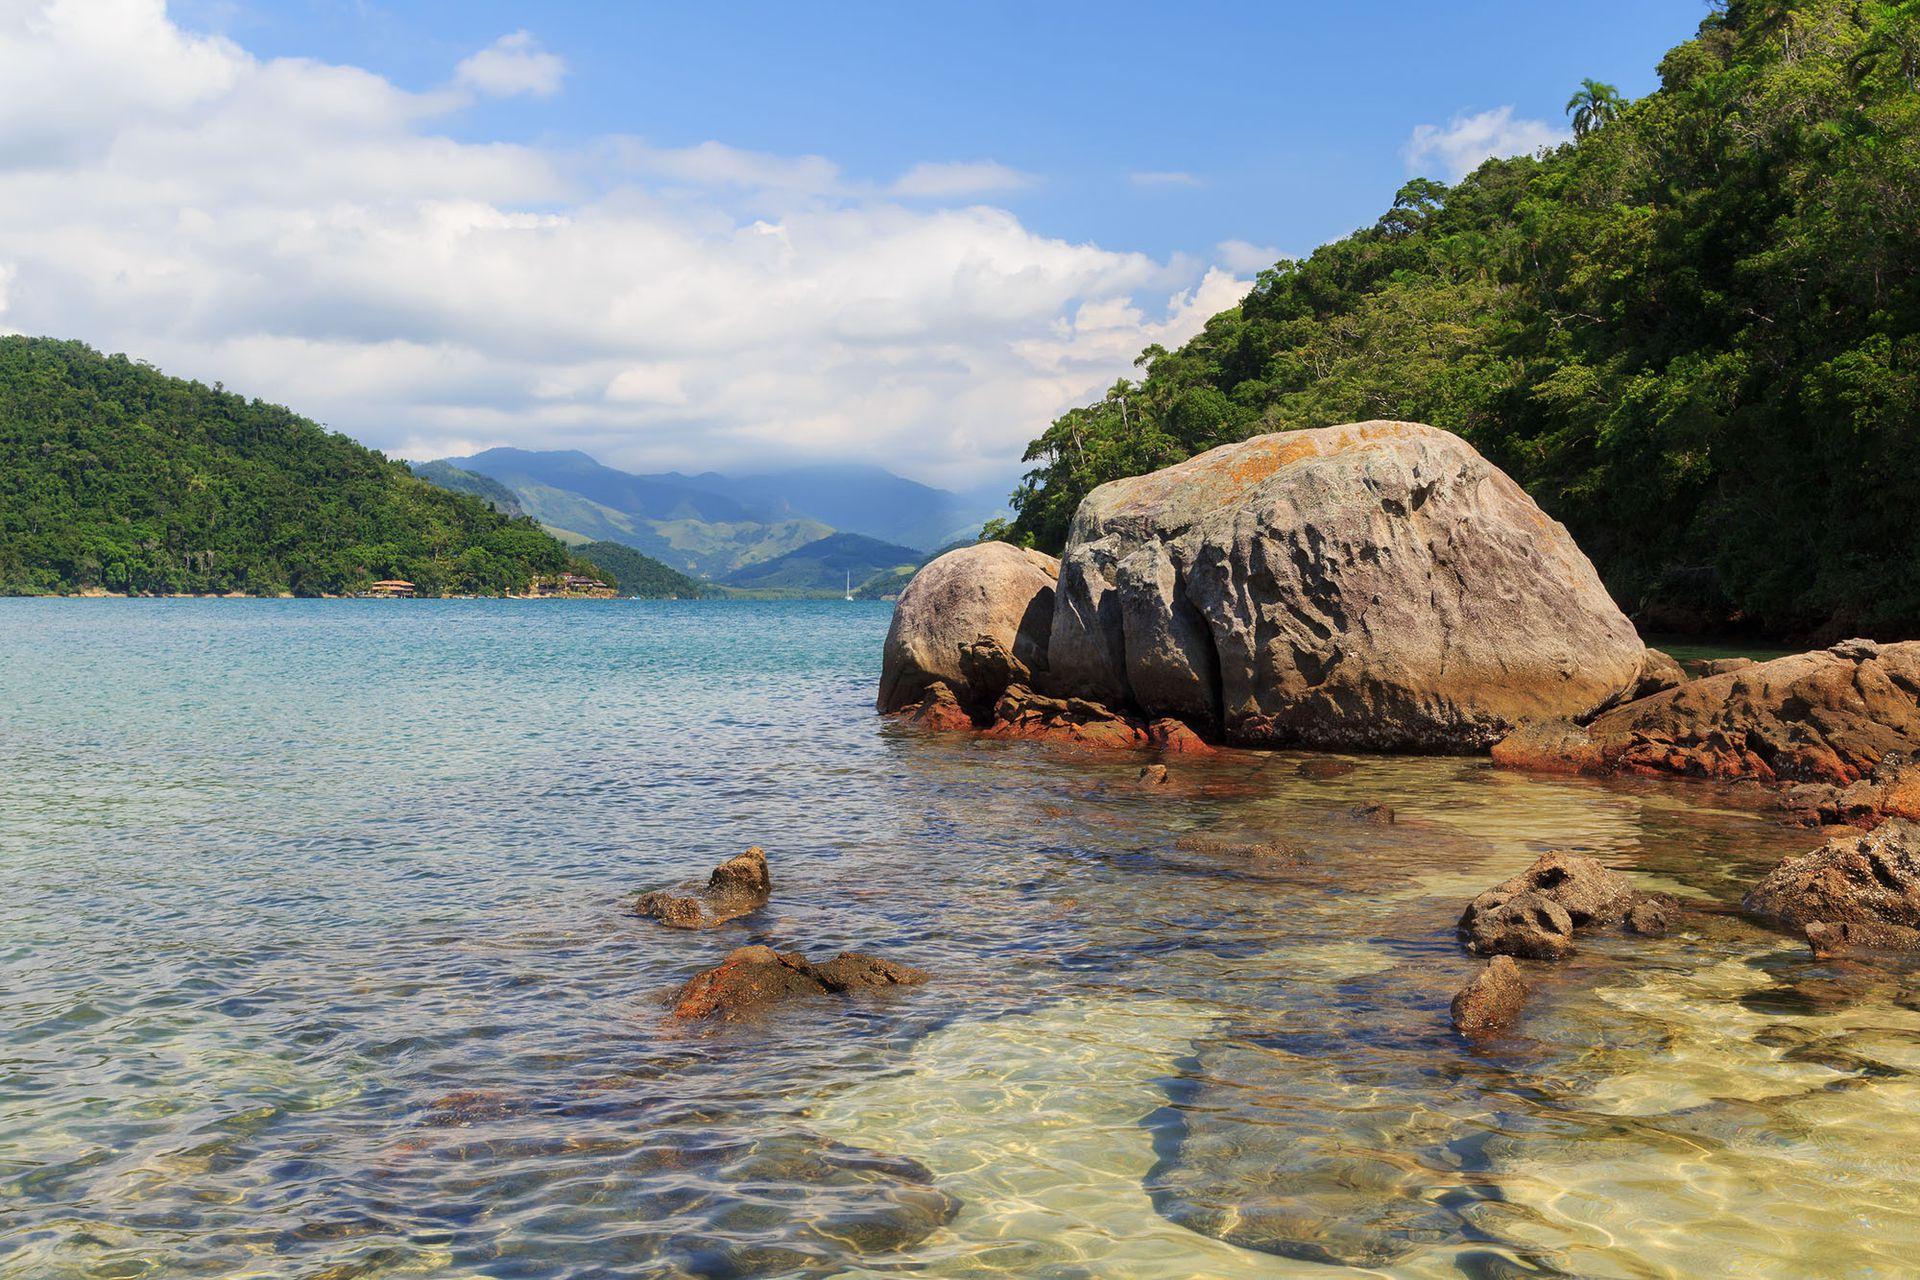 Ilha da Cotia en Paraty y su agua ideal para espiar la vida marina